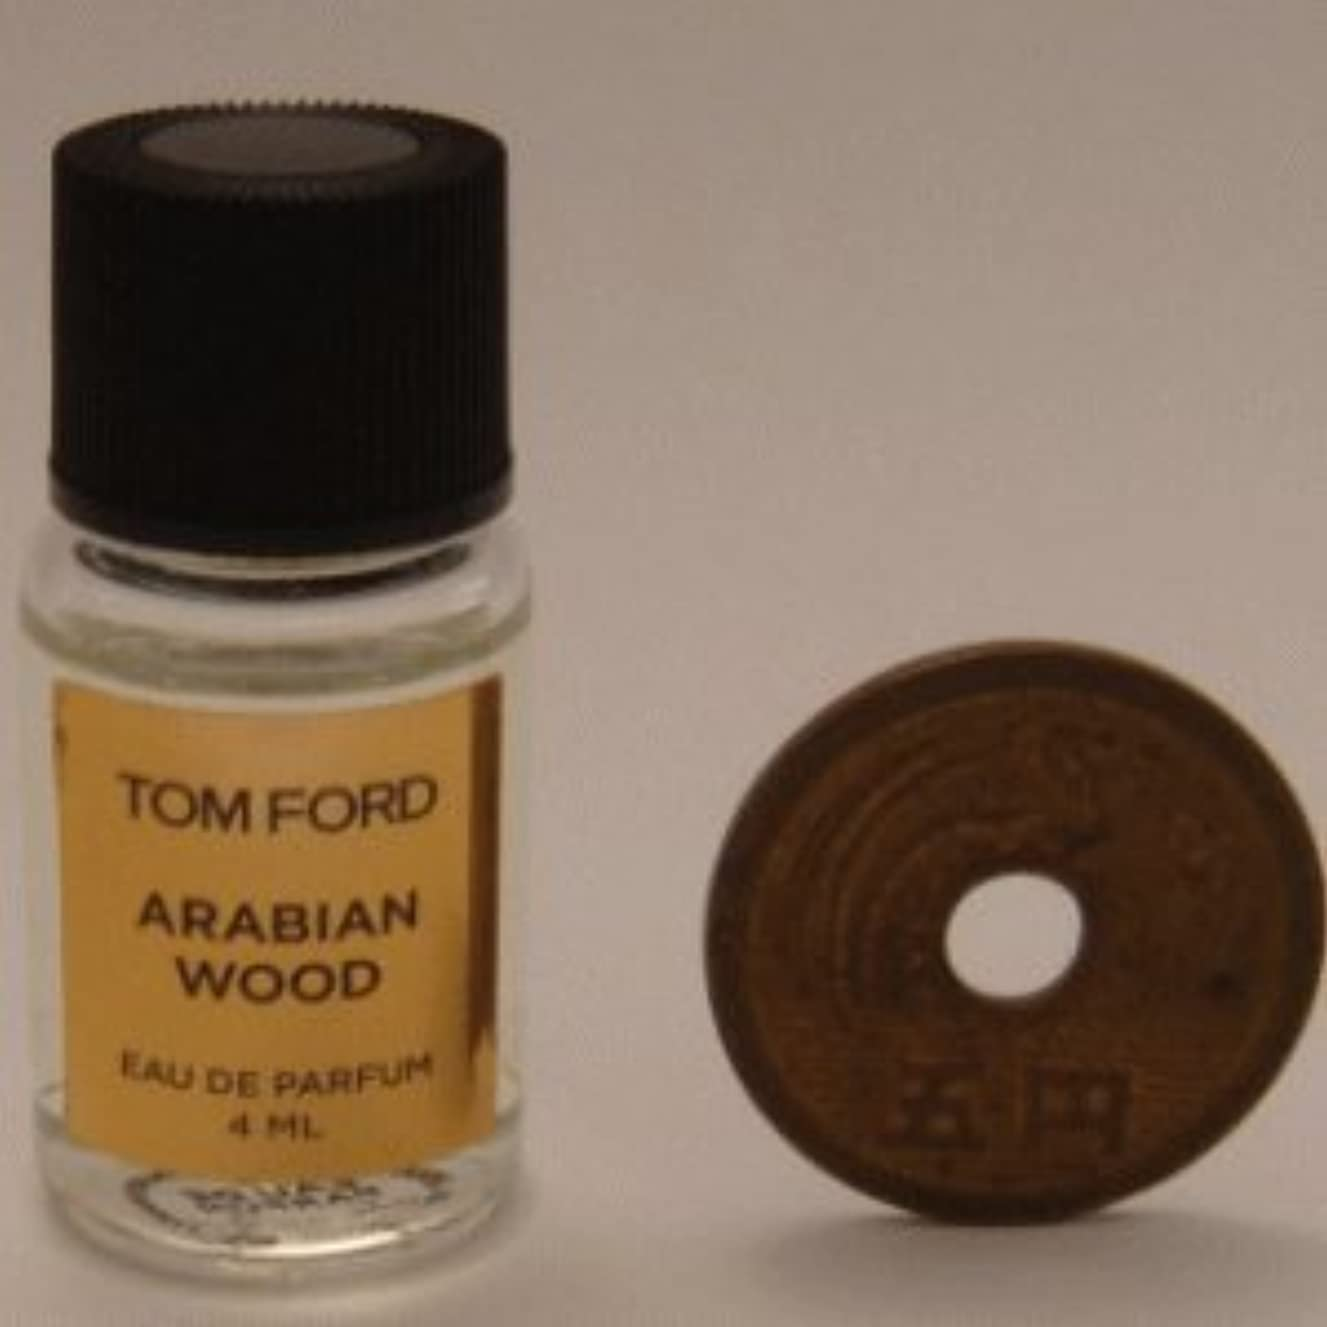 寛容な持続的テープTom Ford Private Blend 'Arabian Wood' (トムフォード プライベートブレンド アラビアン ウッド) 4ml EDP ミニボトル (手詰めサンプル)